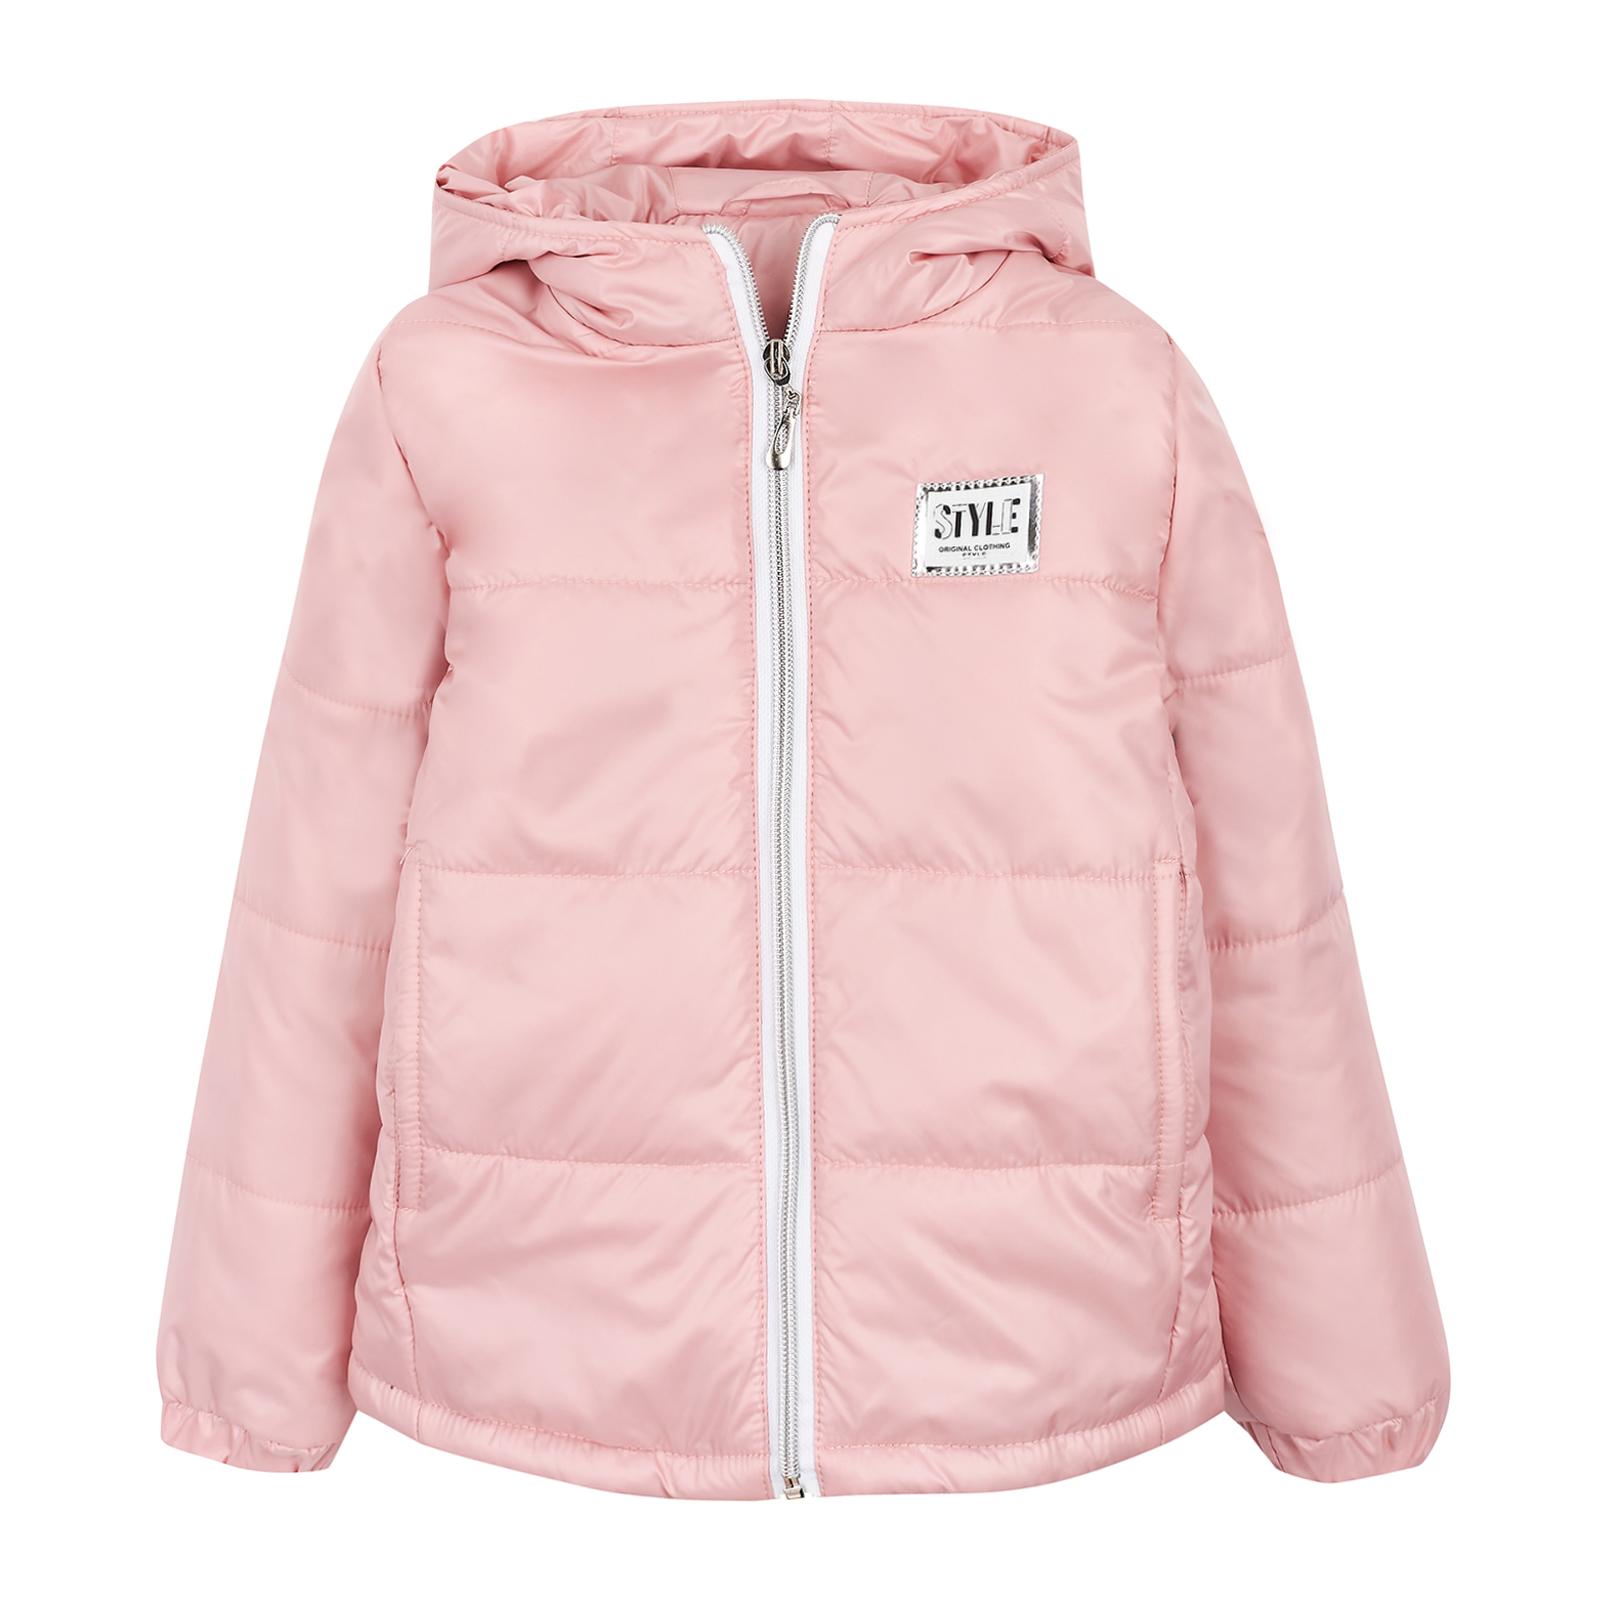 Куртка детские Garnamama модель 2EI~100611-2 отзывы, 2017